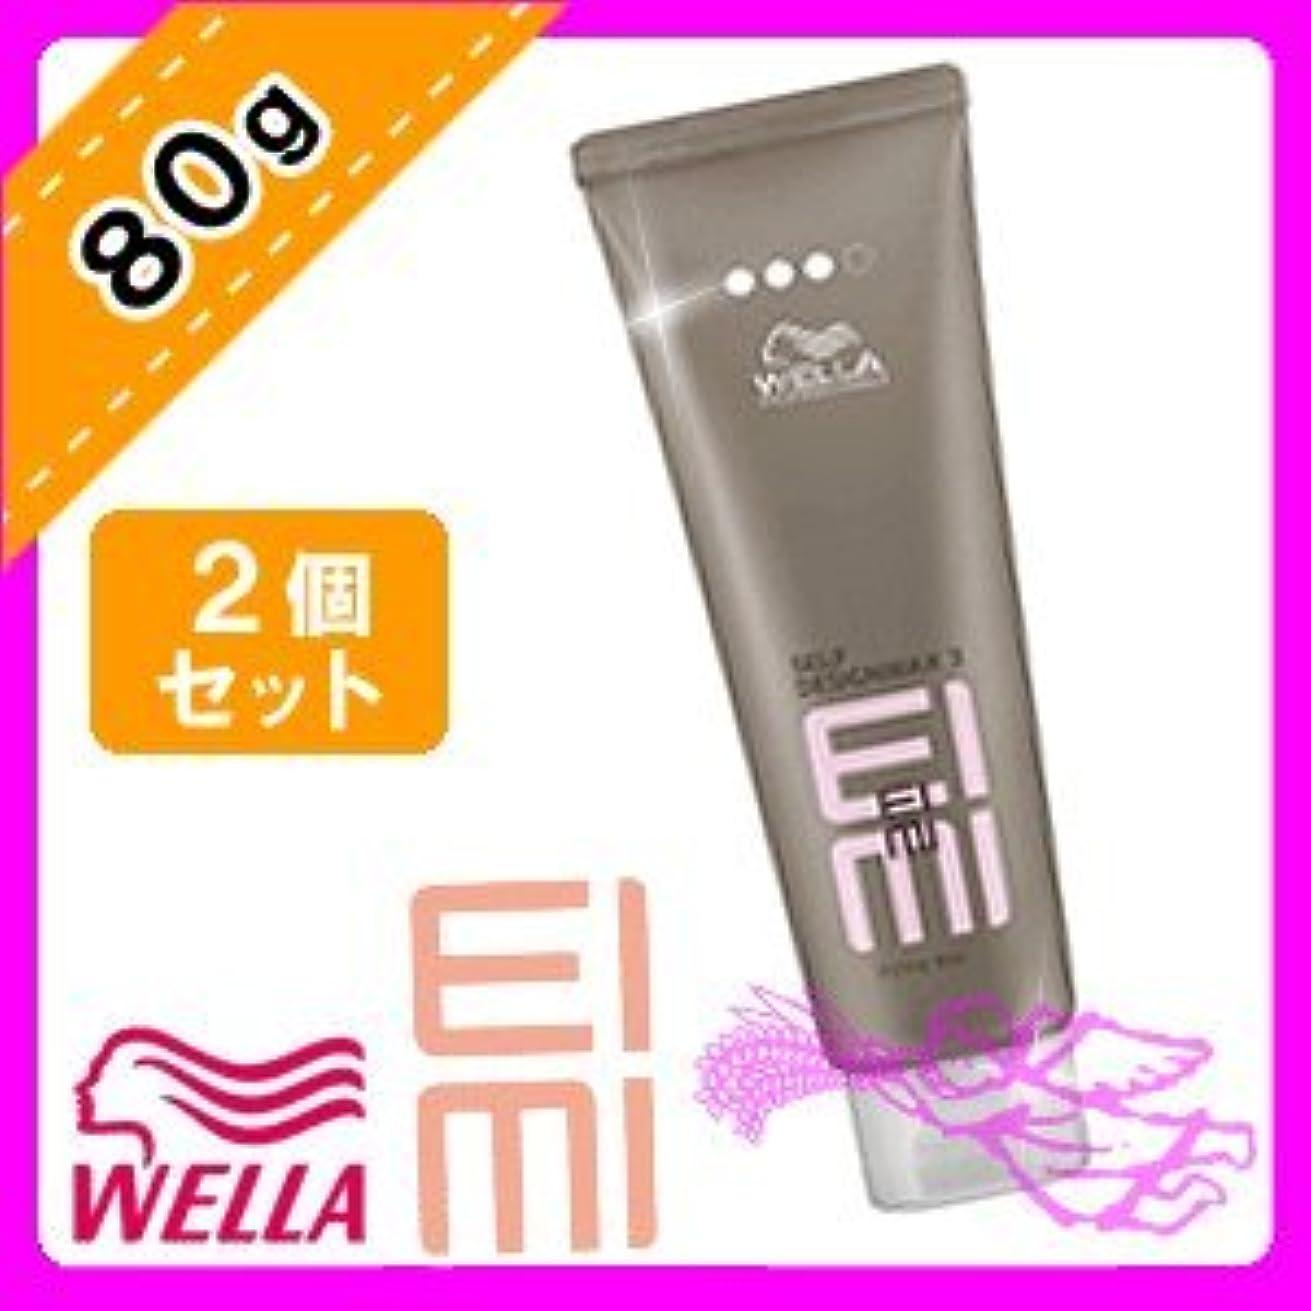 美徳信号損なうウエラ EIMI(アイミィ) セルフデザインワックス3 80g ×2個 セット WELLA P&G